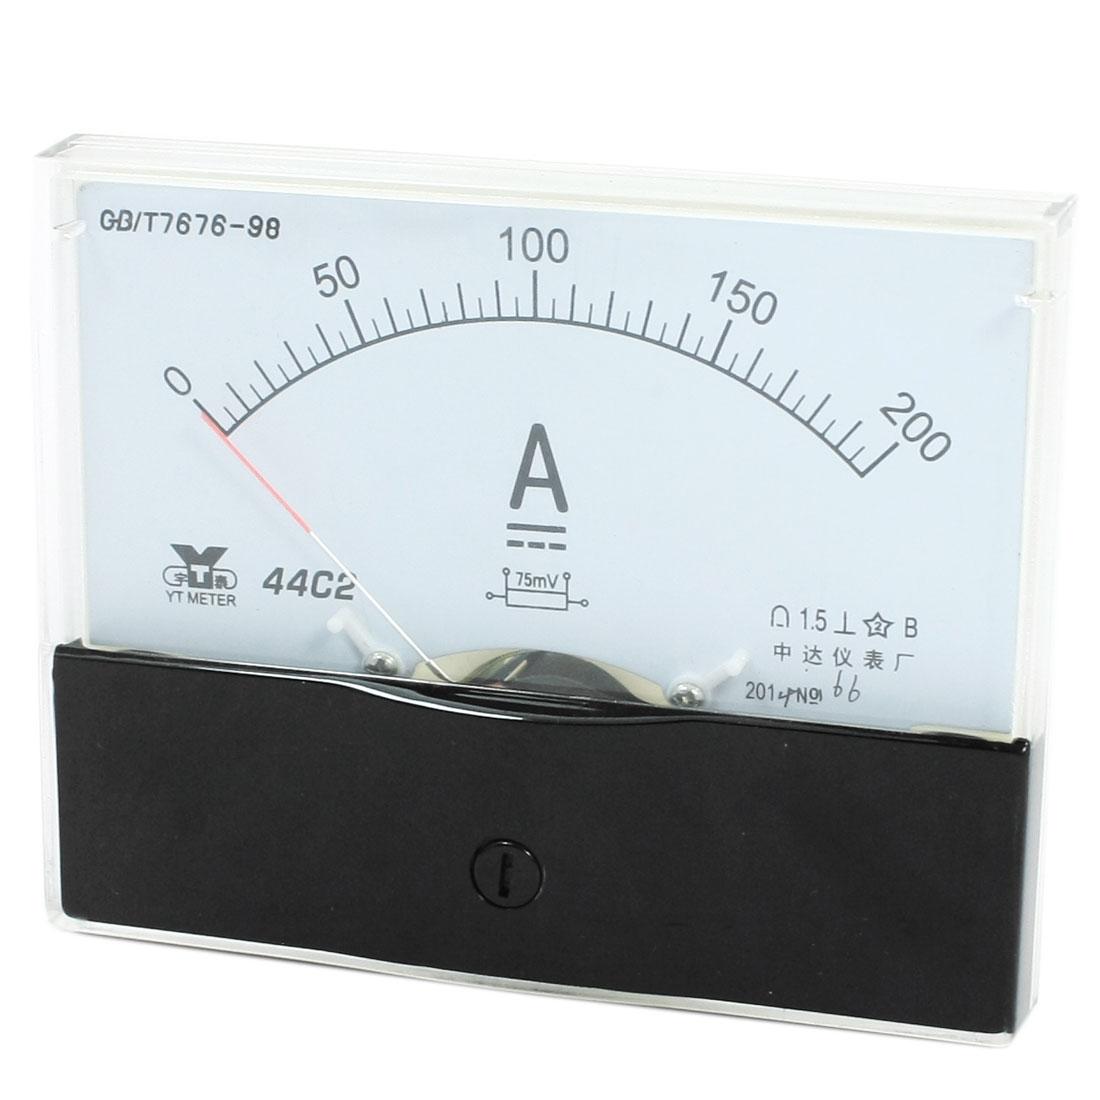 Measurement Tool Panel Mount Analog Ammeter Gauge DC 0 - 200A Measuring Range 44C2